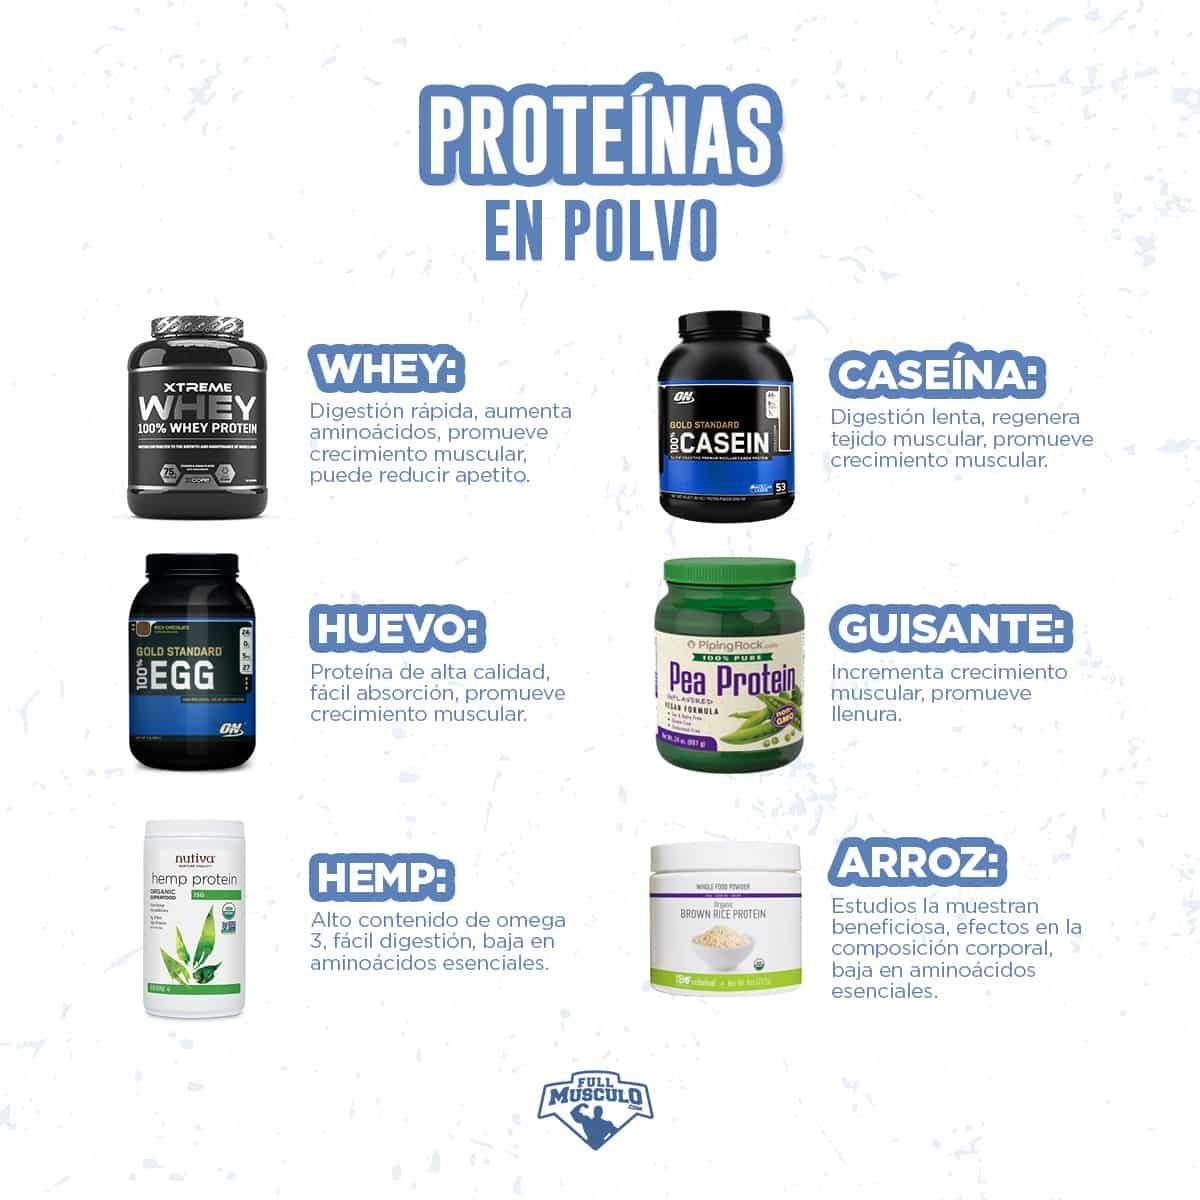 Comprimidos Para Aumentar Masa Muscular Las 11 Mejores Proteinas Para Aumentar Musculo Y Quemar Grasa